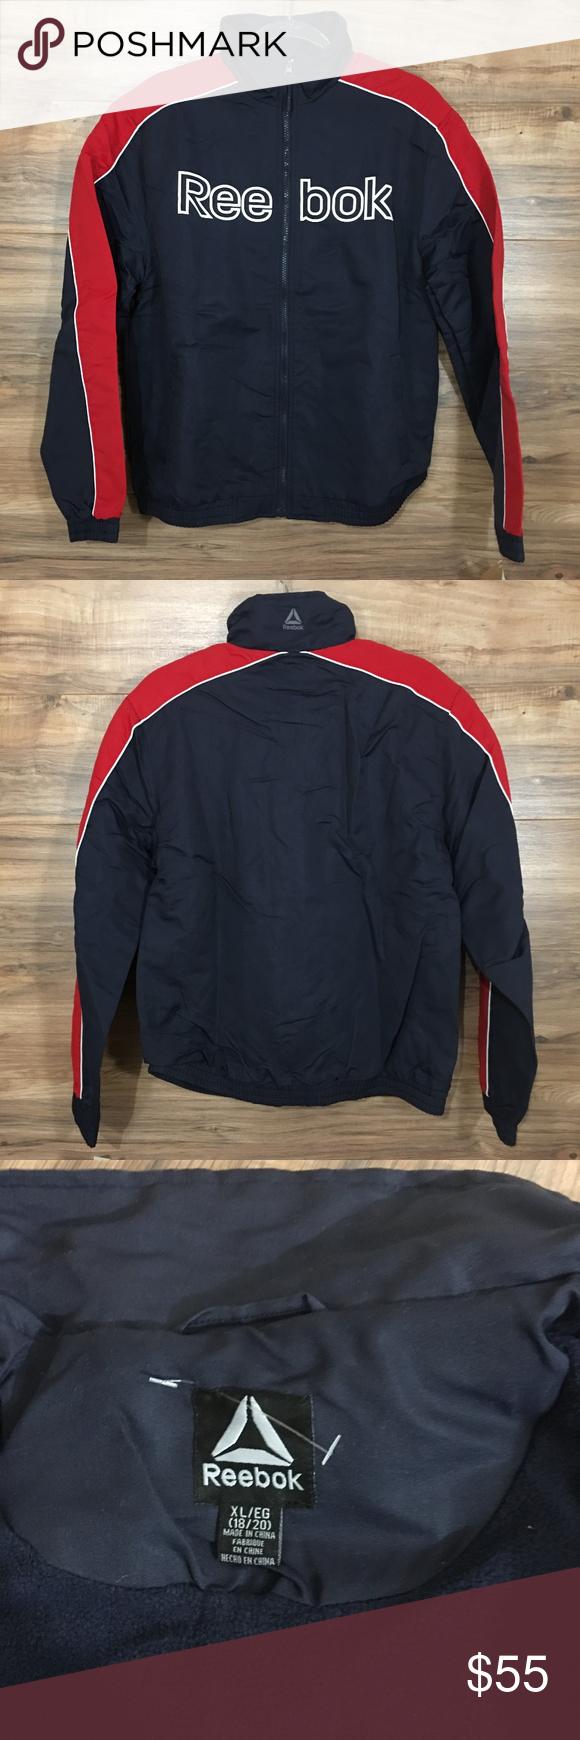 Reebok Boys Navy Blue Red Winter Jacket Size Xl Winter Jackets Trendy Dresses Clothes Design [ 1740 x 580 Pixel ]